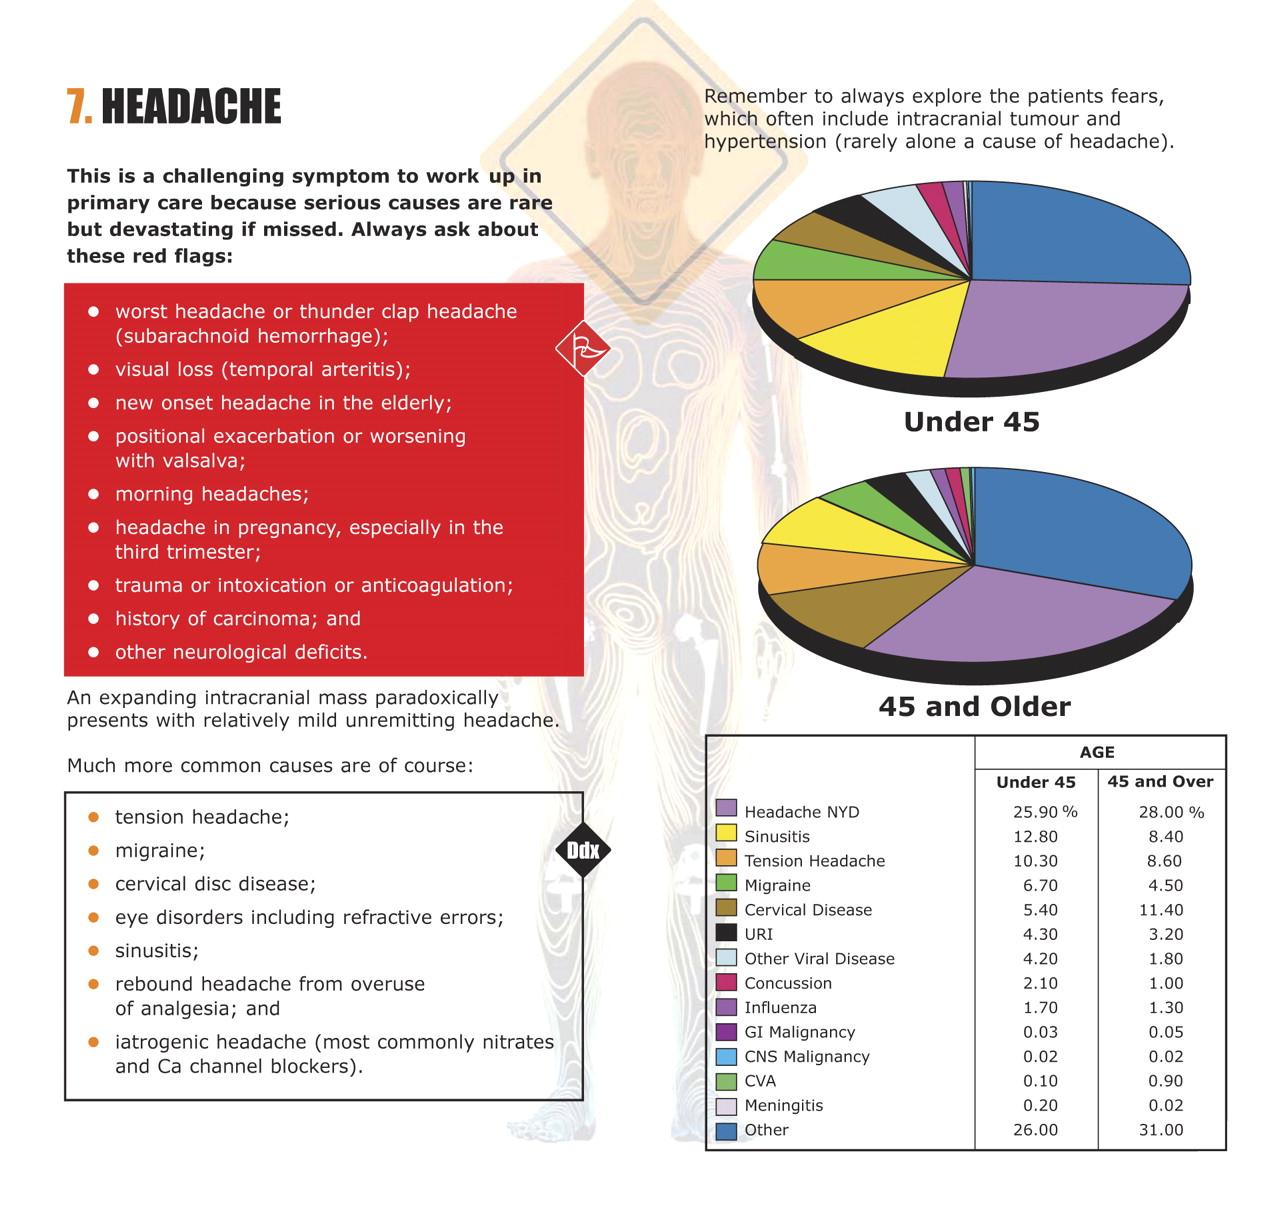 Top 10 differential diagnoses in family medicine: Headache